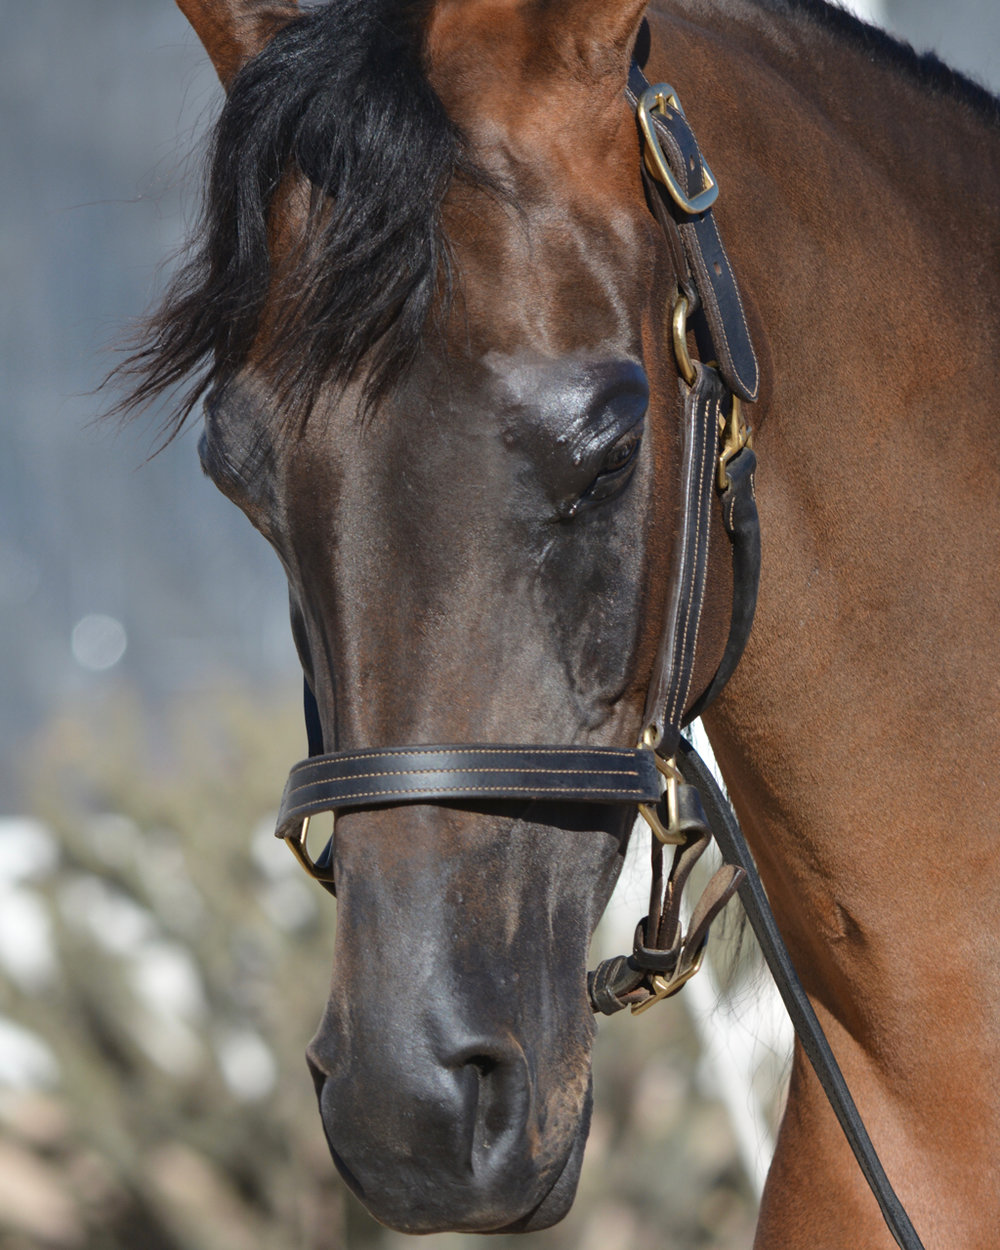 Expo_Arabianhorse.jpg